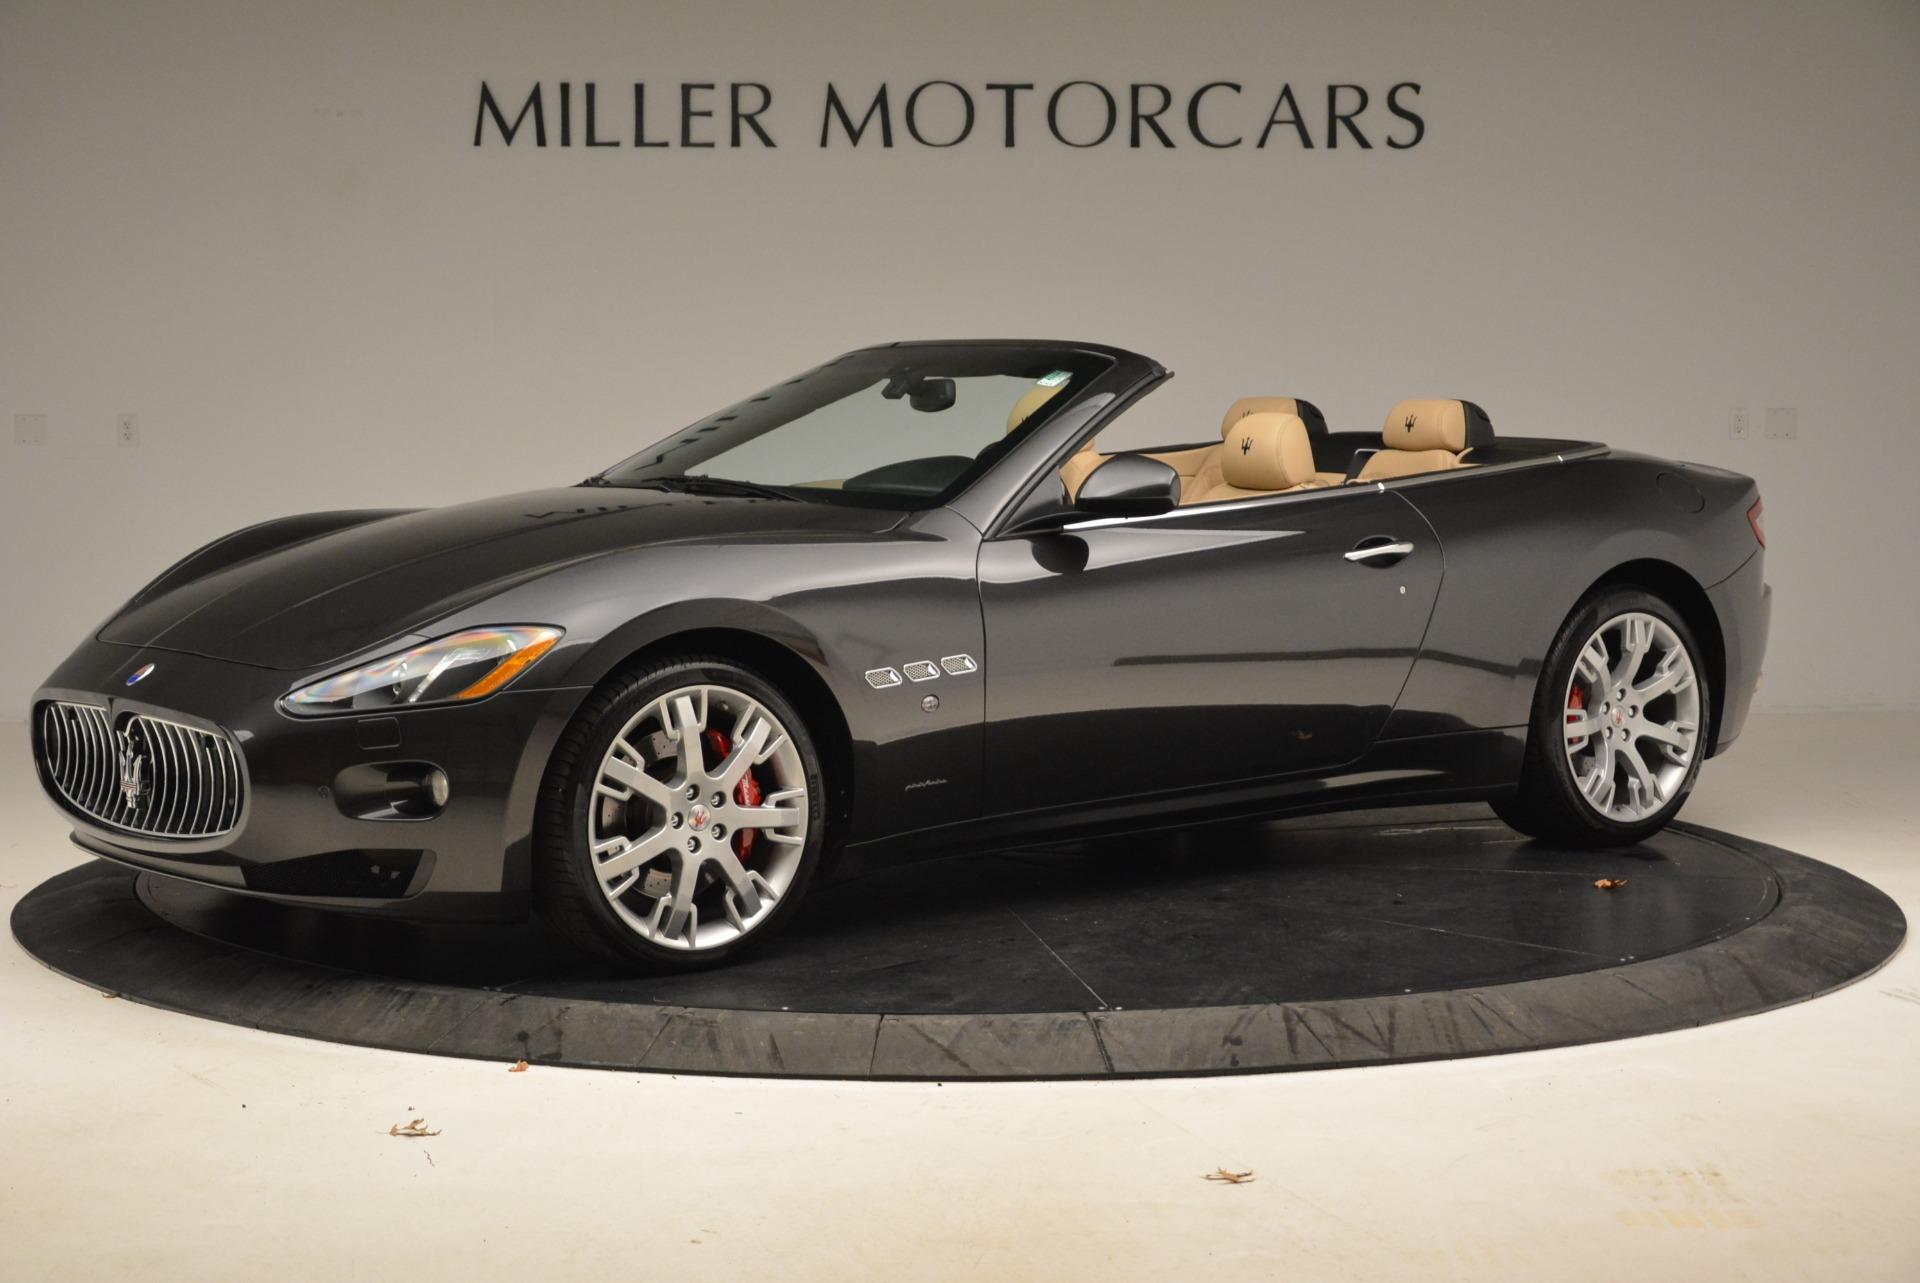 Used 2013 Maserati GranTurismo Convertible  For Sale In Greenwich, CT 2050_p2